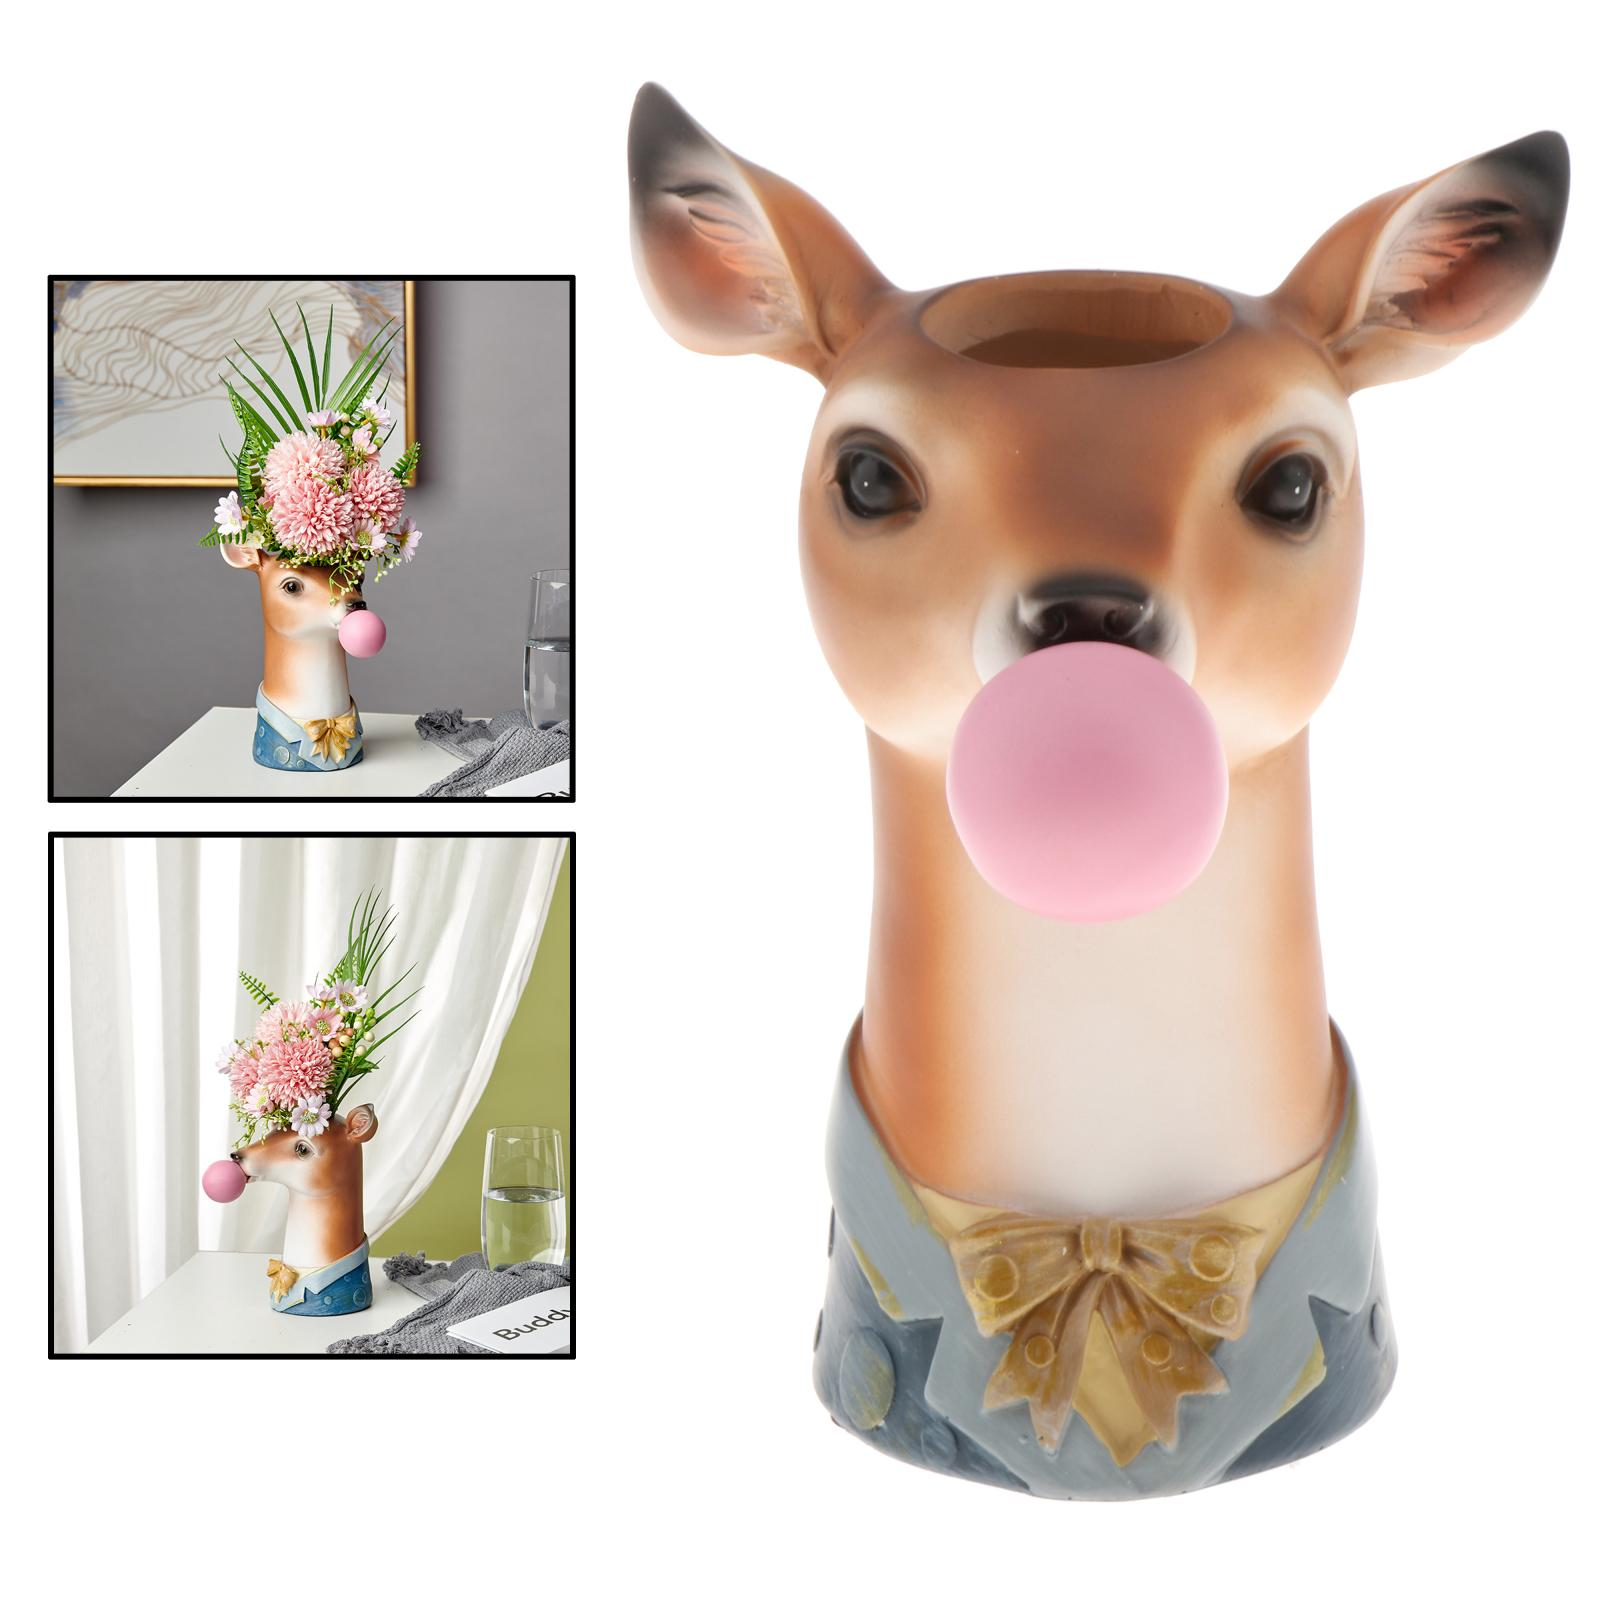 Nordic смола животное голова форма цветок горшок статуя скульптуры фигура растение сушеные цветы горшок поделки гостиная комната украшение